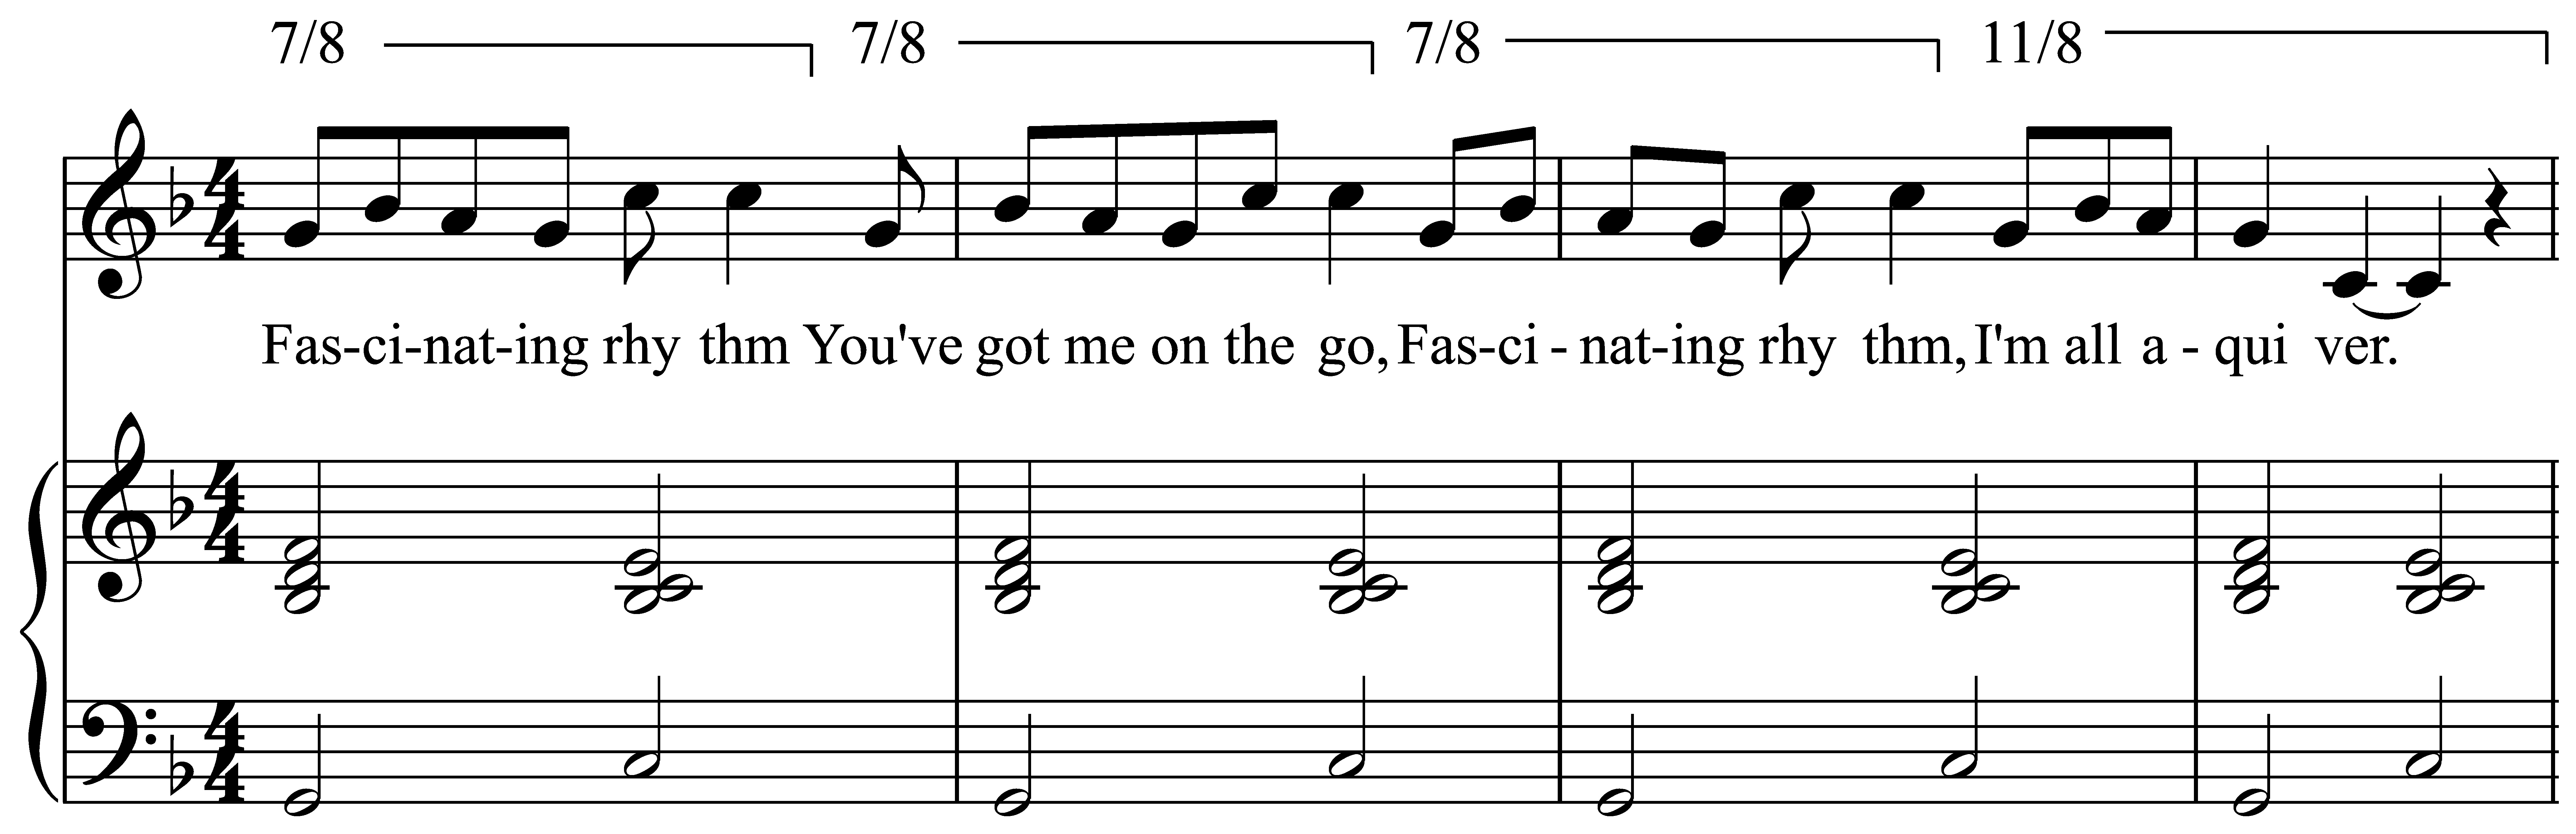 Fascinating Rhythm John C Adams As Metametric Pioneer